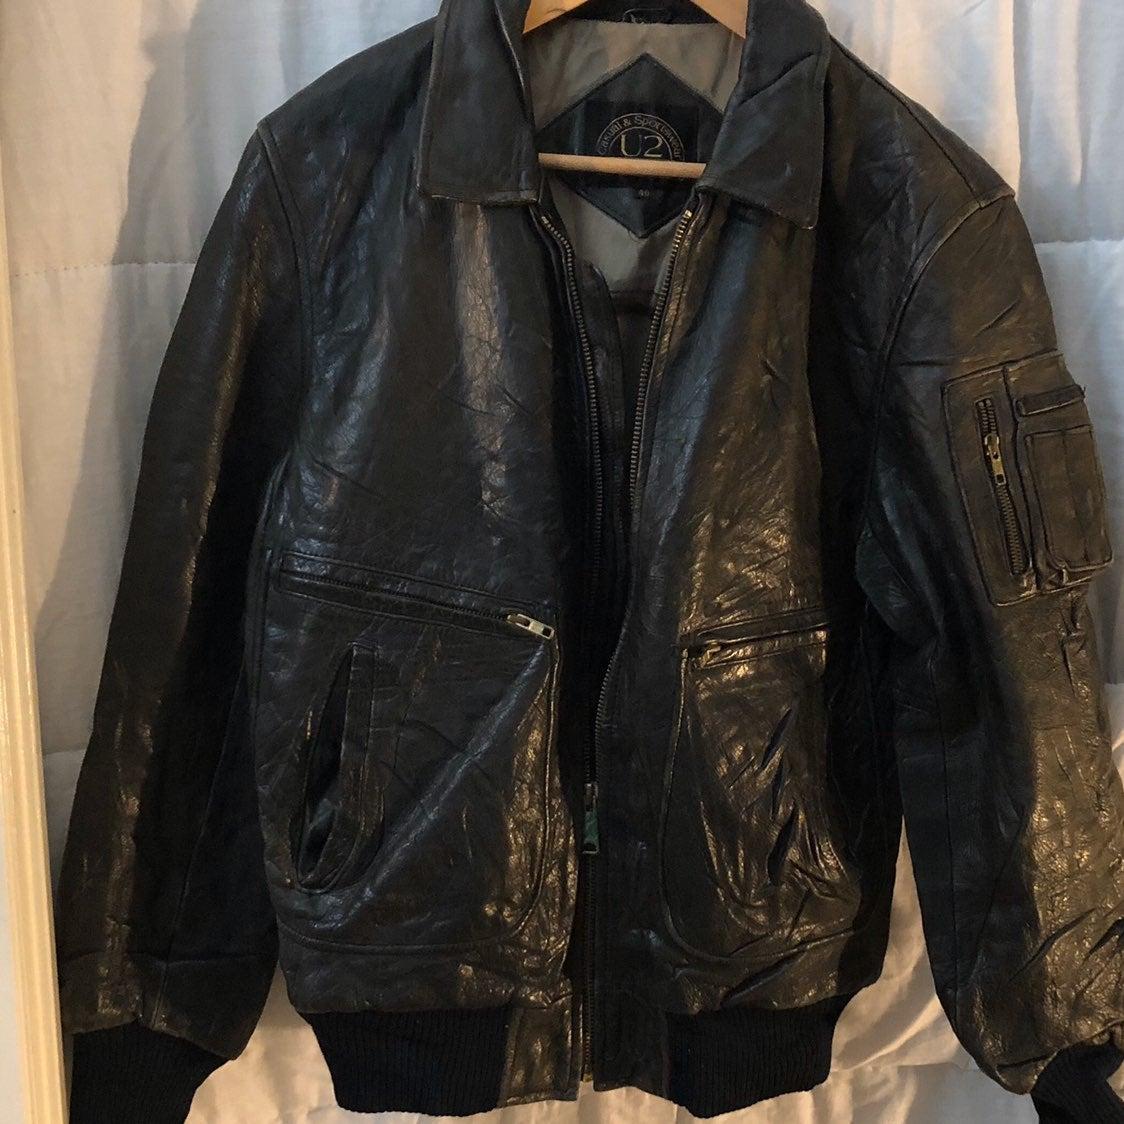 U2 Men's Leather Bomber Jacket